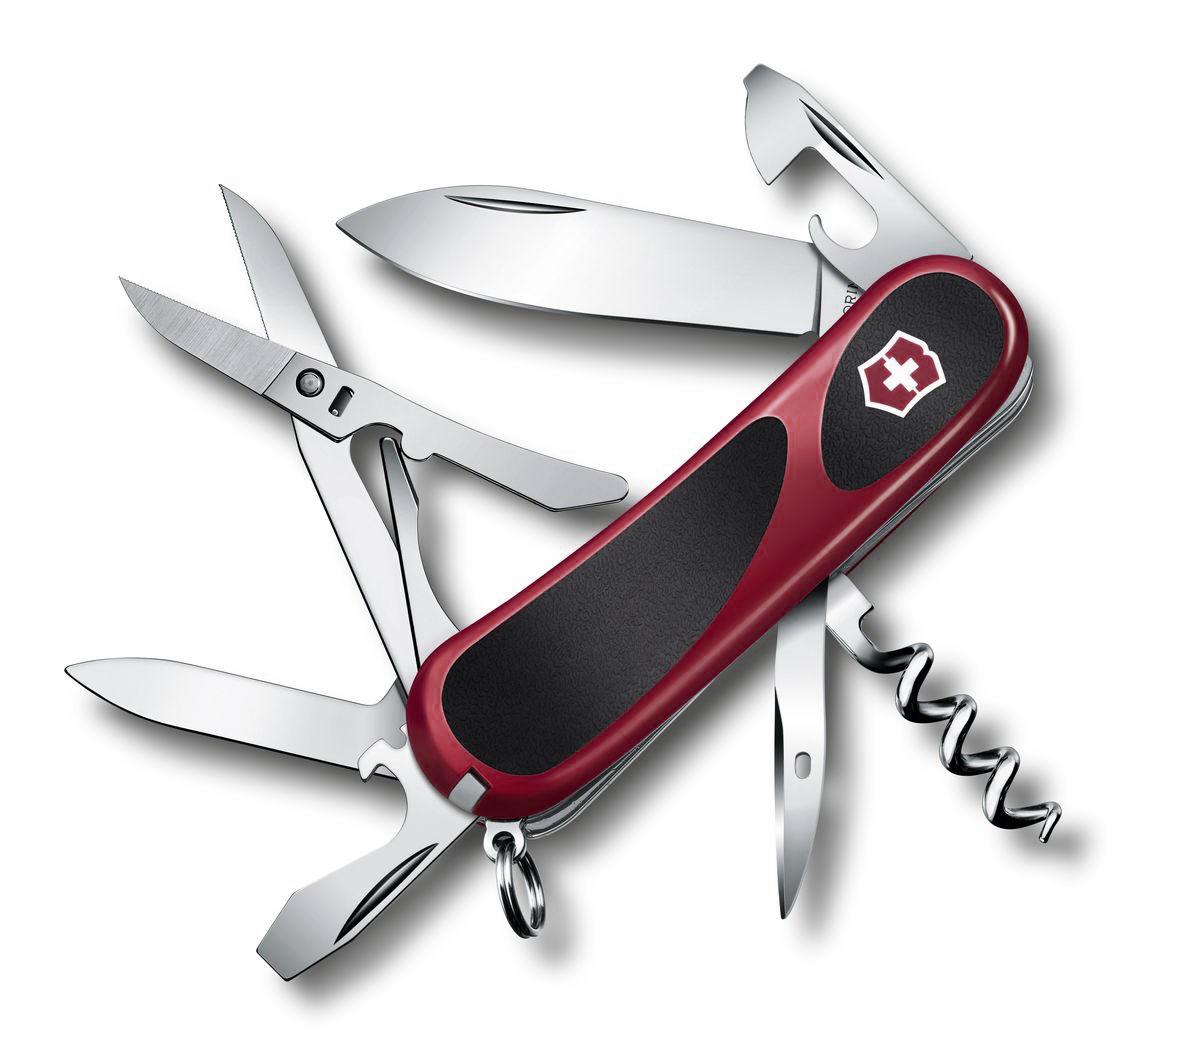 Нож перочинный Victorinox Evolution S14, цвет: красный, черный, 14 функций, 8,5 см2.3903.CЛезвие перочинного складного ножа Victorinox Evolution S14 изготовлено из высококачественной нержавеющей стали. Ручка, выполненная из прочного пластика с резиновыми вставками, обеспечивает надежный и удобный хват. Хорошее качество, надежный долговечный материал и эргономичная рукоятка - что может быть удобнее на природе или на пикнике! Функции ножа: Лезвие. Пилка для ногтей с инструментом по уходу за ногтями. Ножницы с серрейторной заточкой. Консервный нож с малой отверткой. Открывалка для бутылок с фиксирующейся отверткой и инструментом для снятия изоляции. Штопор. Шило, кернер. Кольцо для ключей. Пинцет. Зубочистка. Длина ножа в сложенном виде: 8,5 см. Длина ножа в разложенном виде: 15 см.